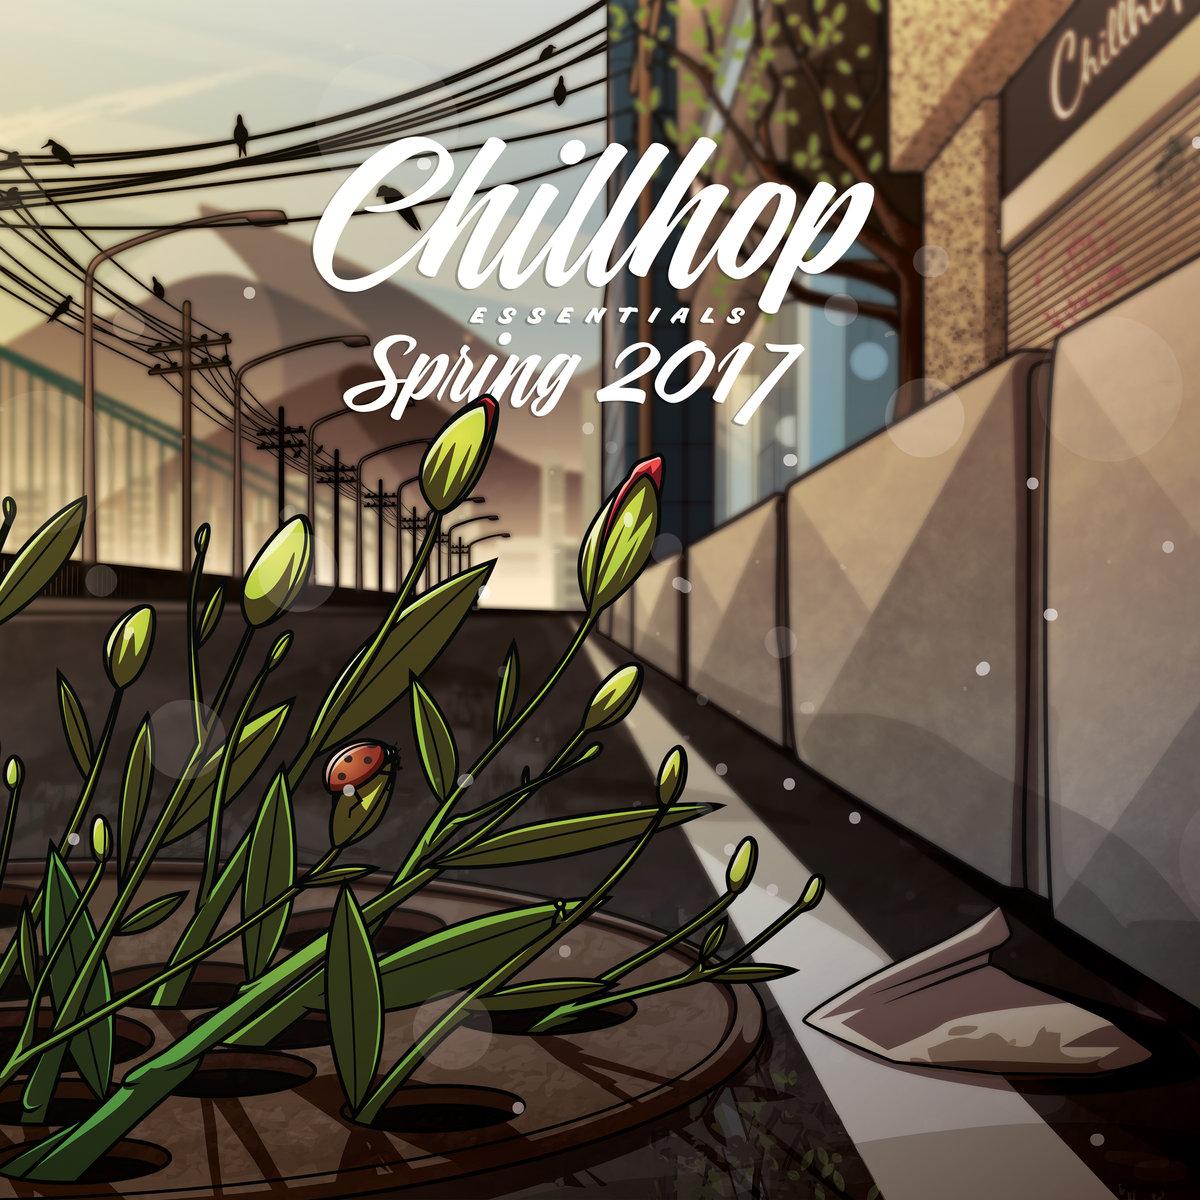 TESK BEATS ~ Chillhop Essentials - Spring 2017